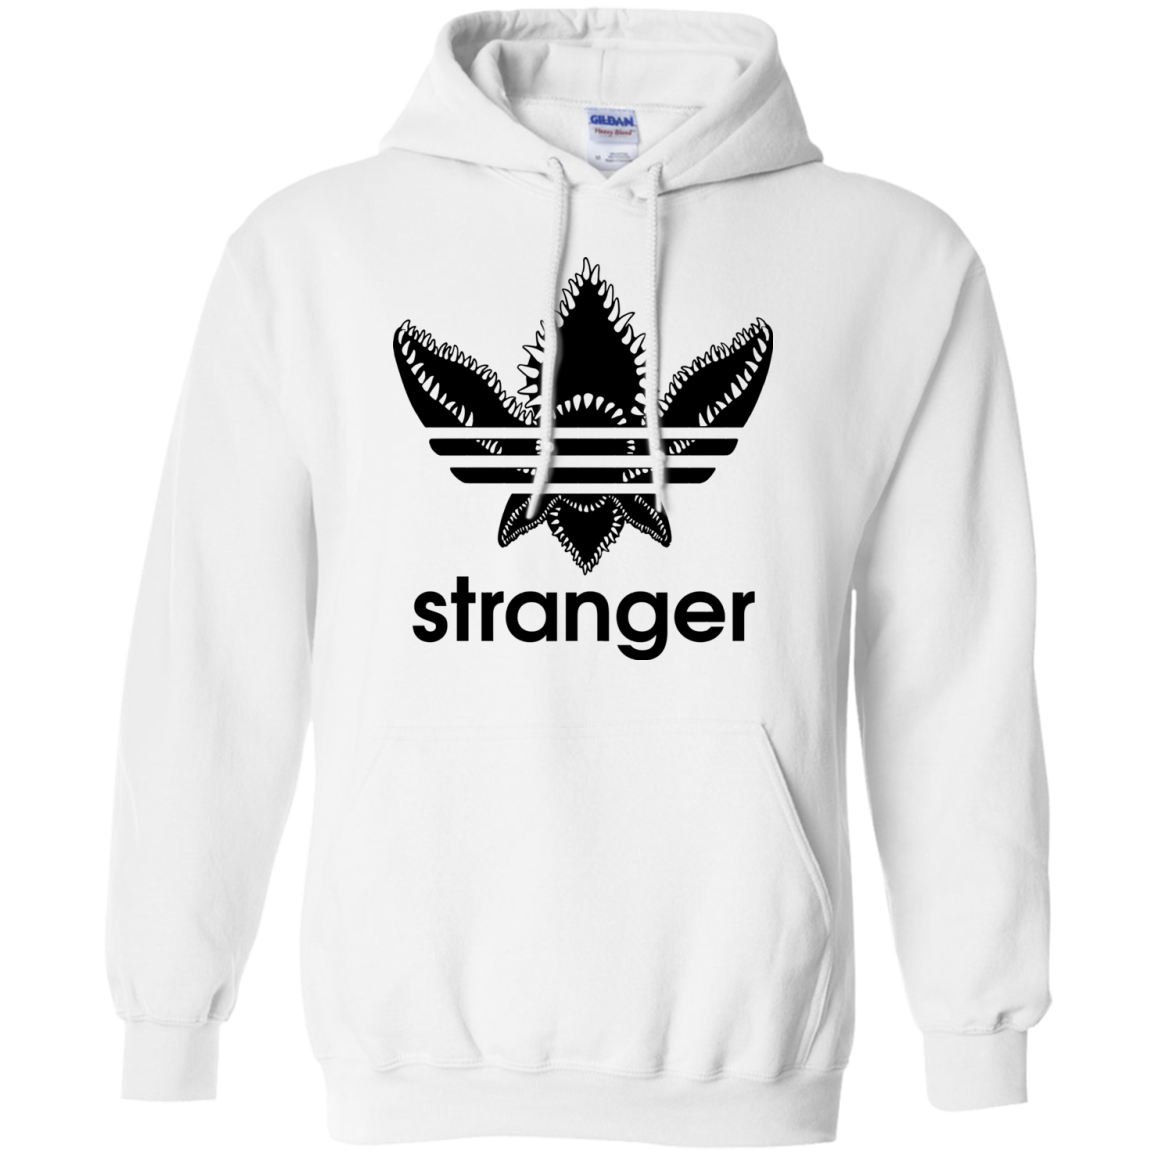 Stranger Things Stranger Demogorgon Adidas Shirt Hoodie Long Sleeve Camisetas Stranger Things Roupas Moletons [ 1155 x 1155 Pixel ]